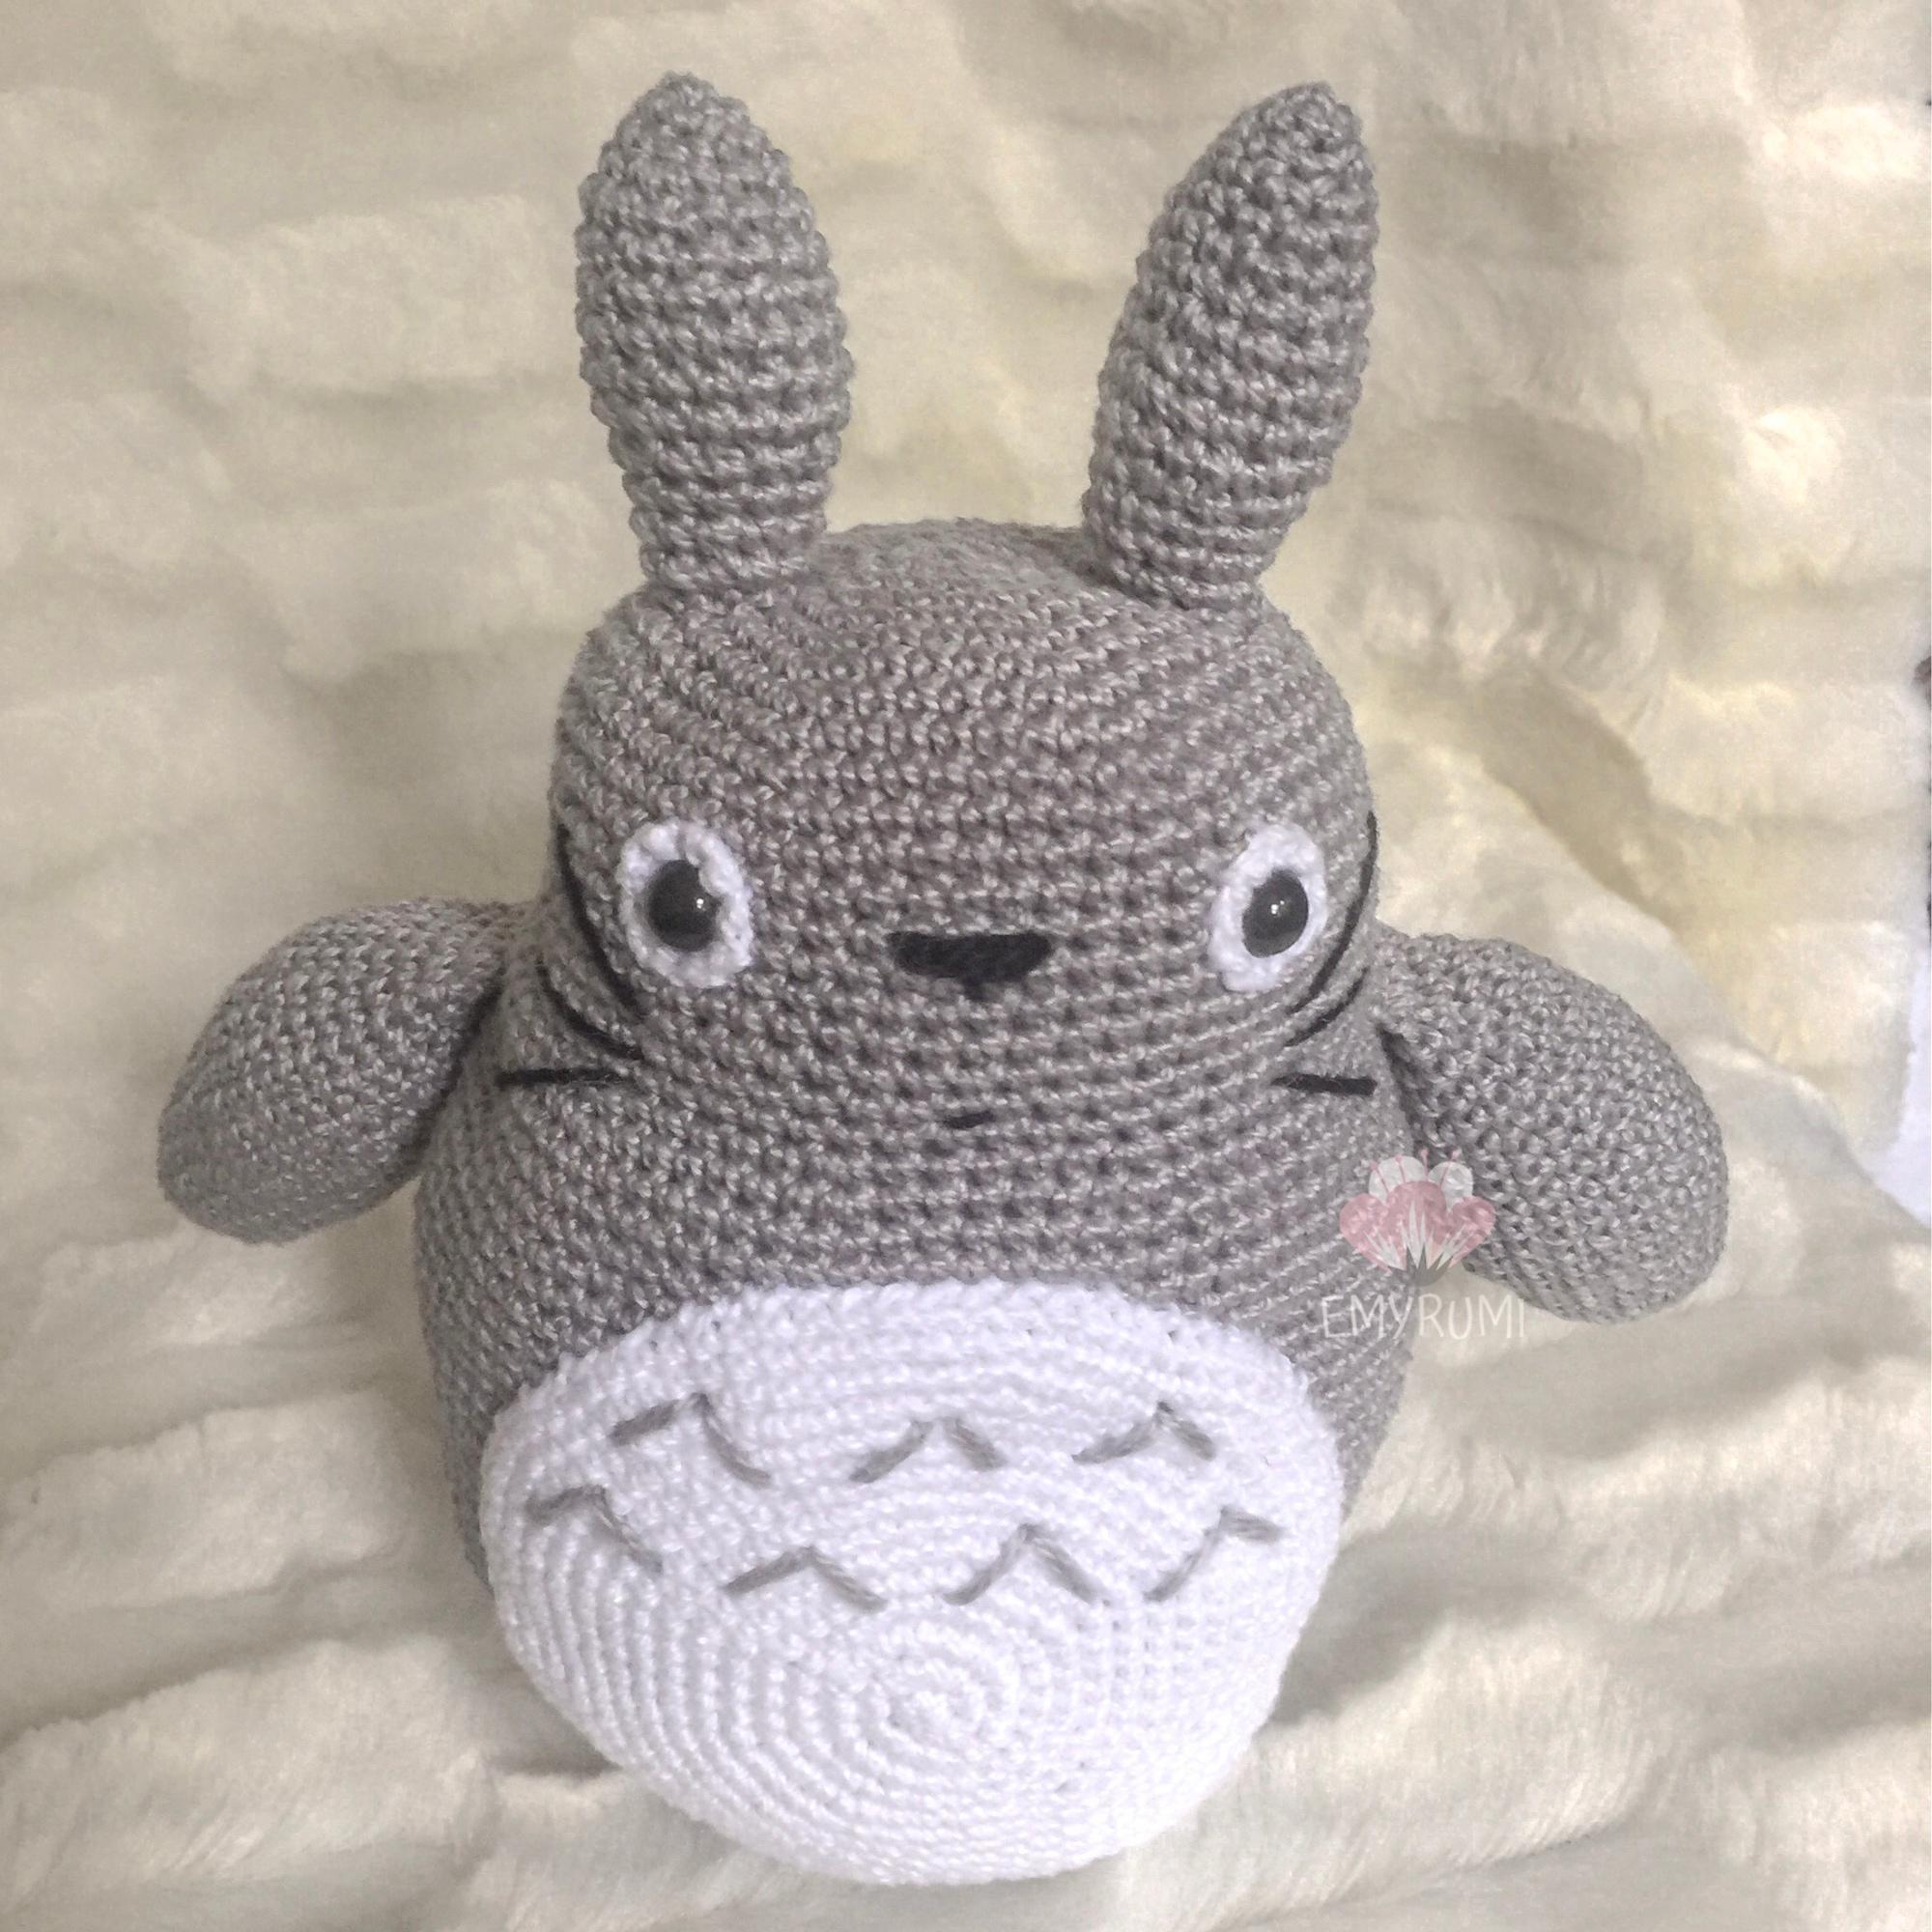 PDF patrón amigurumi Totoro, patrón crochet Totoro, patrón estudio ...   2000x2000